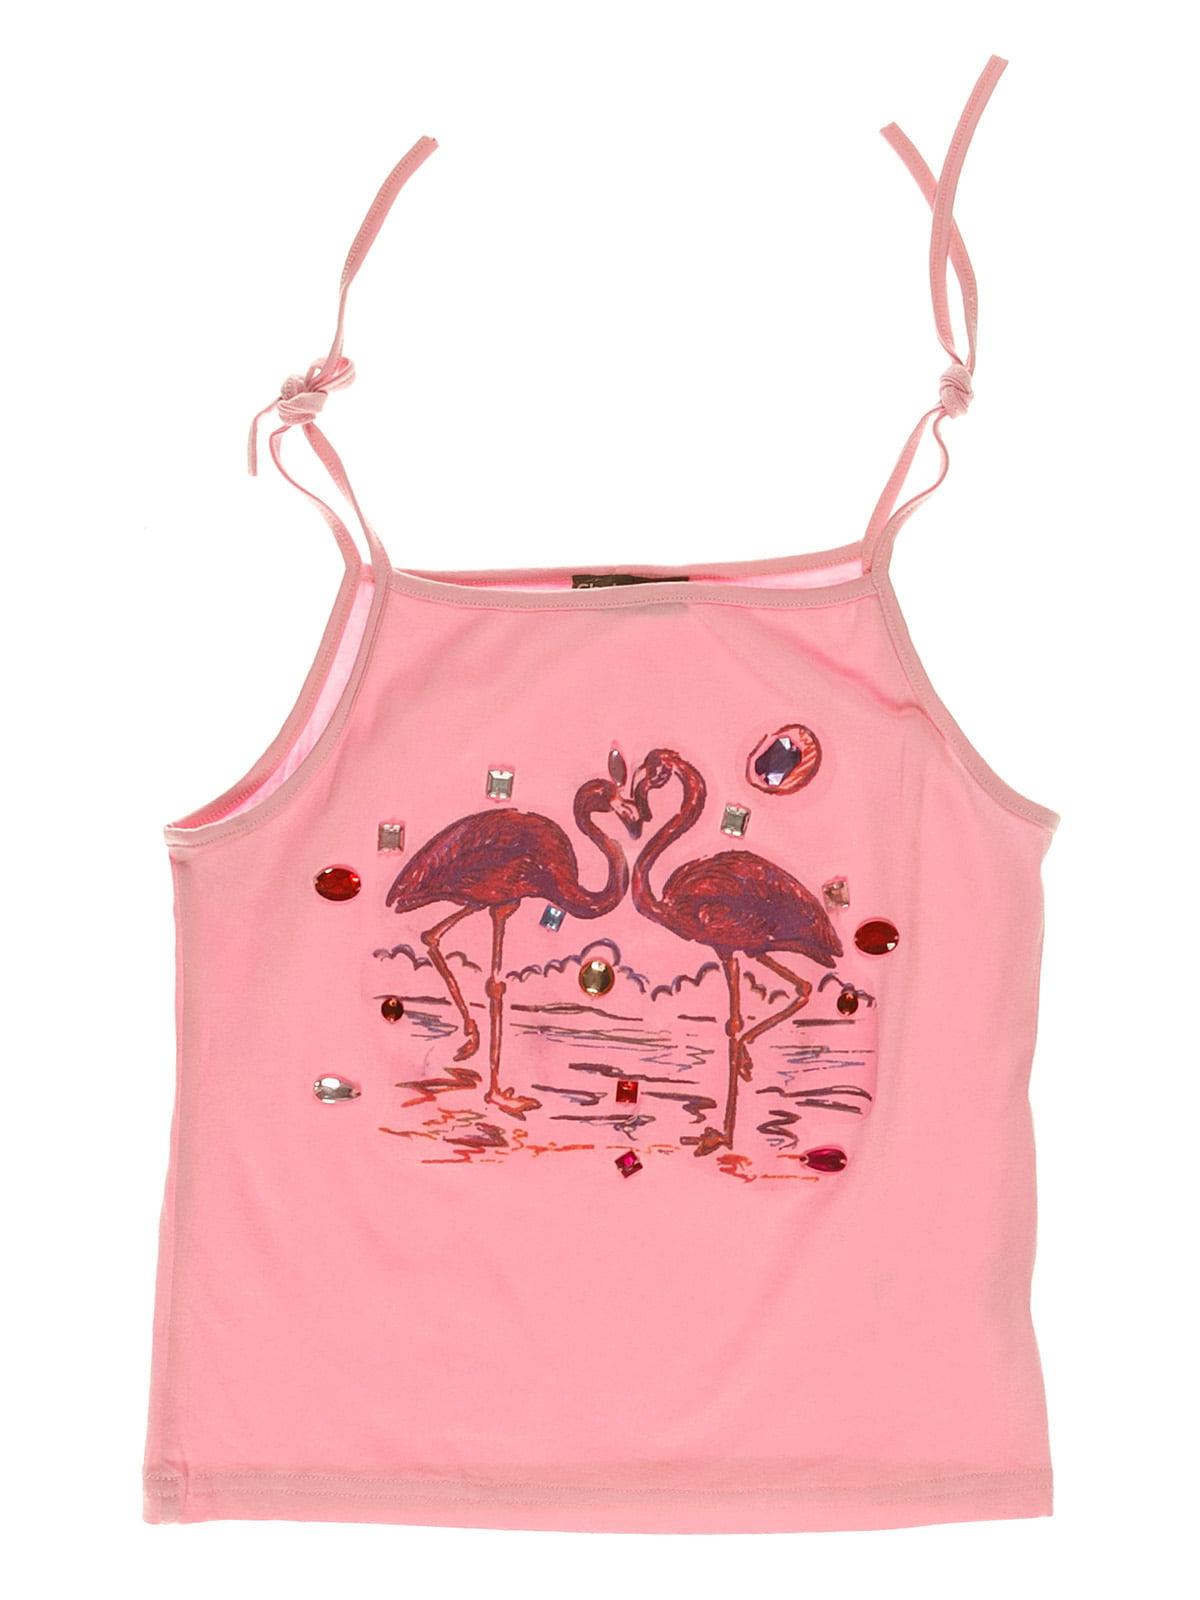 Топ розовый с принтом | 3168410